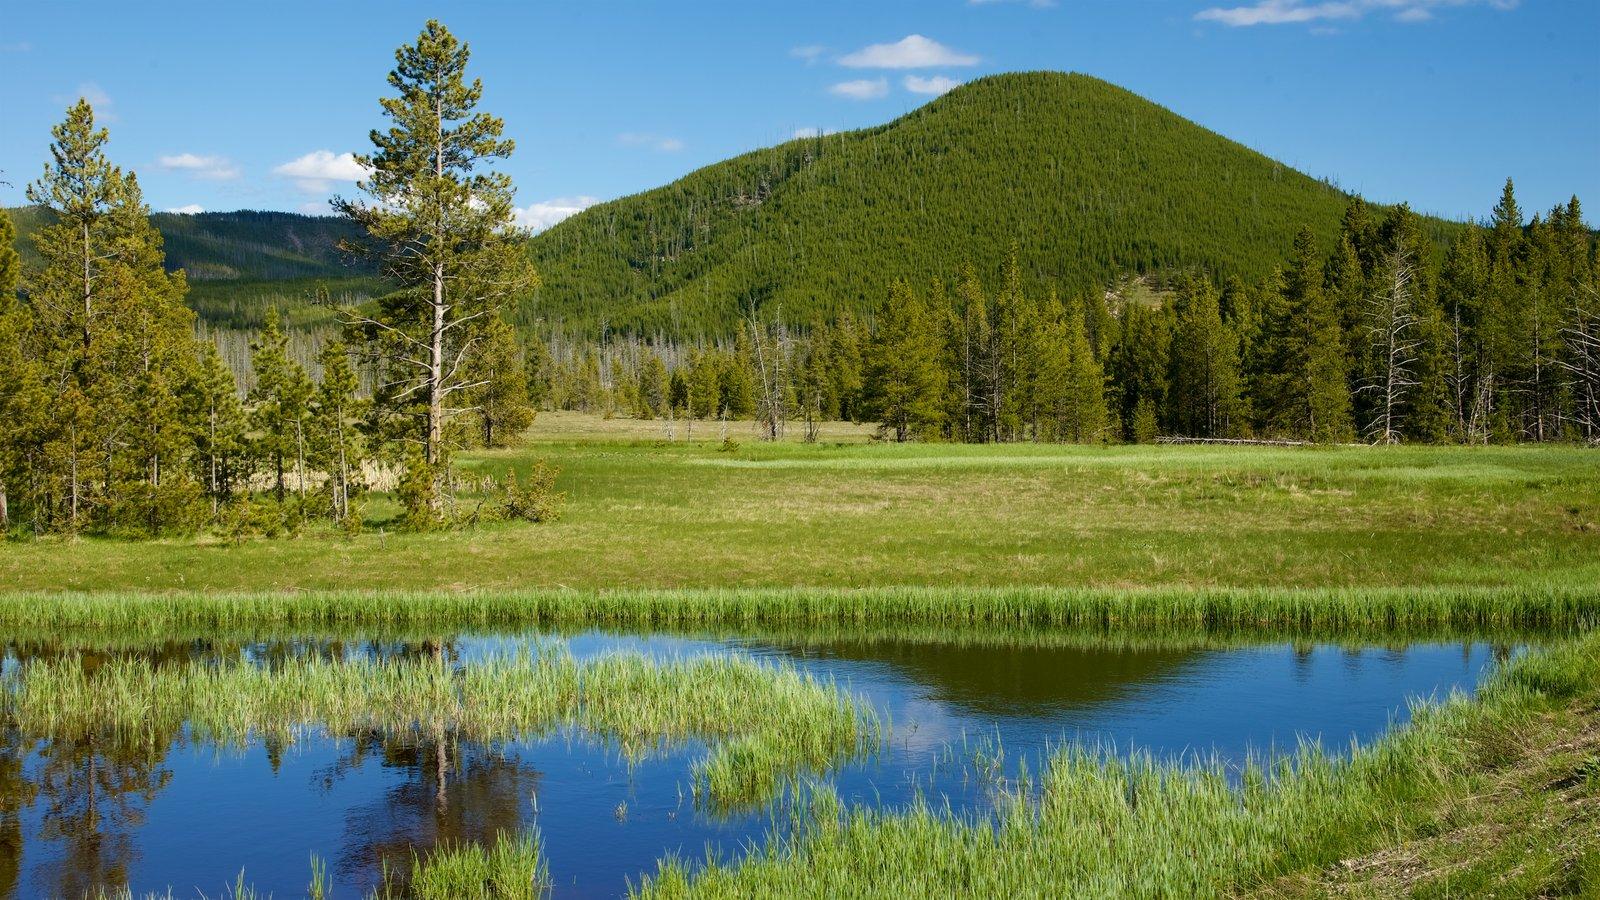 Yellowstone National Park que inclui pântano e cenas tranquilas